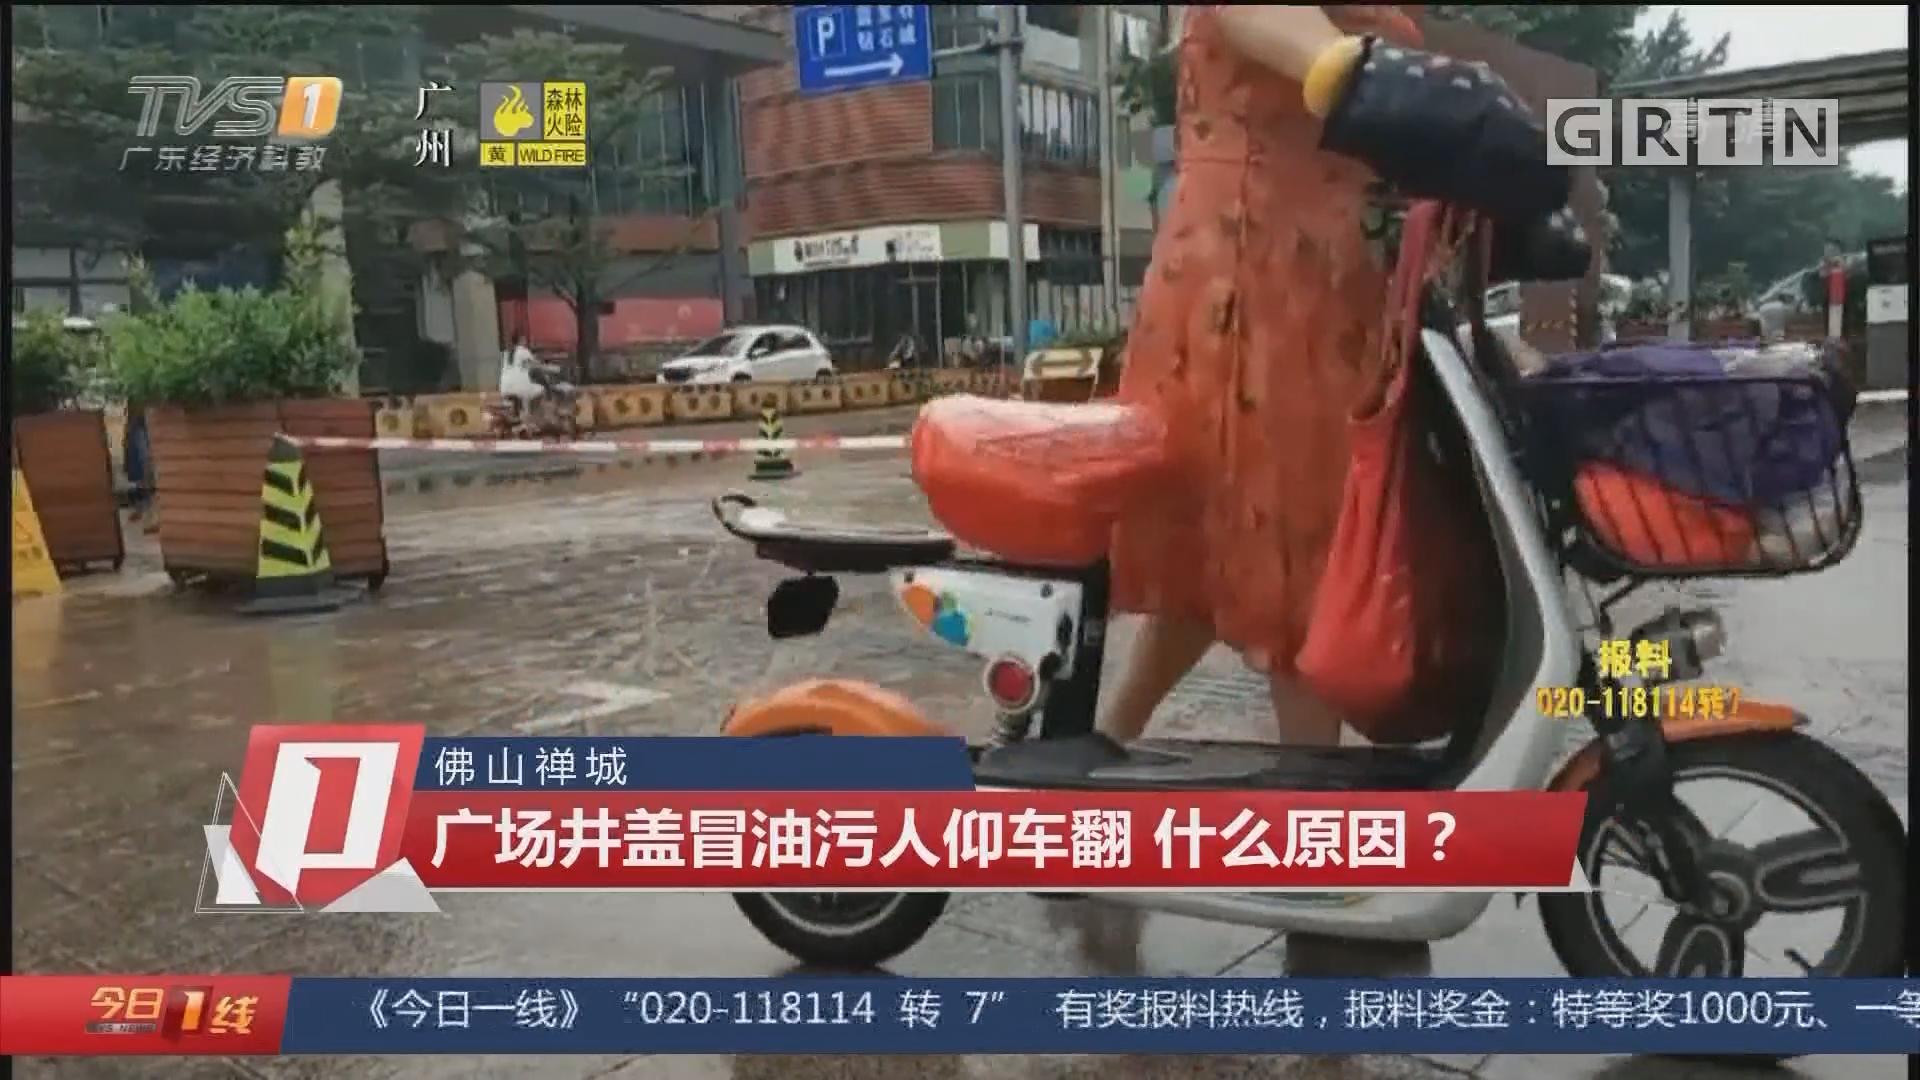 佛山禅城:广场井盖冒油污人仰车翻 什么原因?